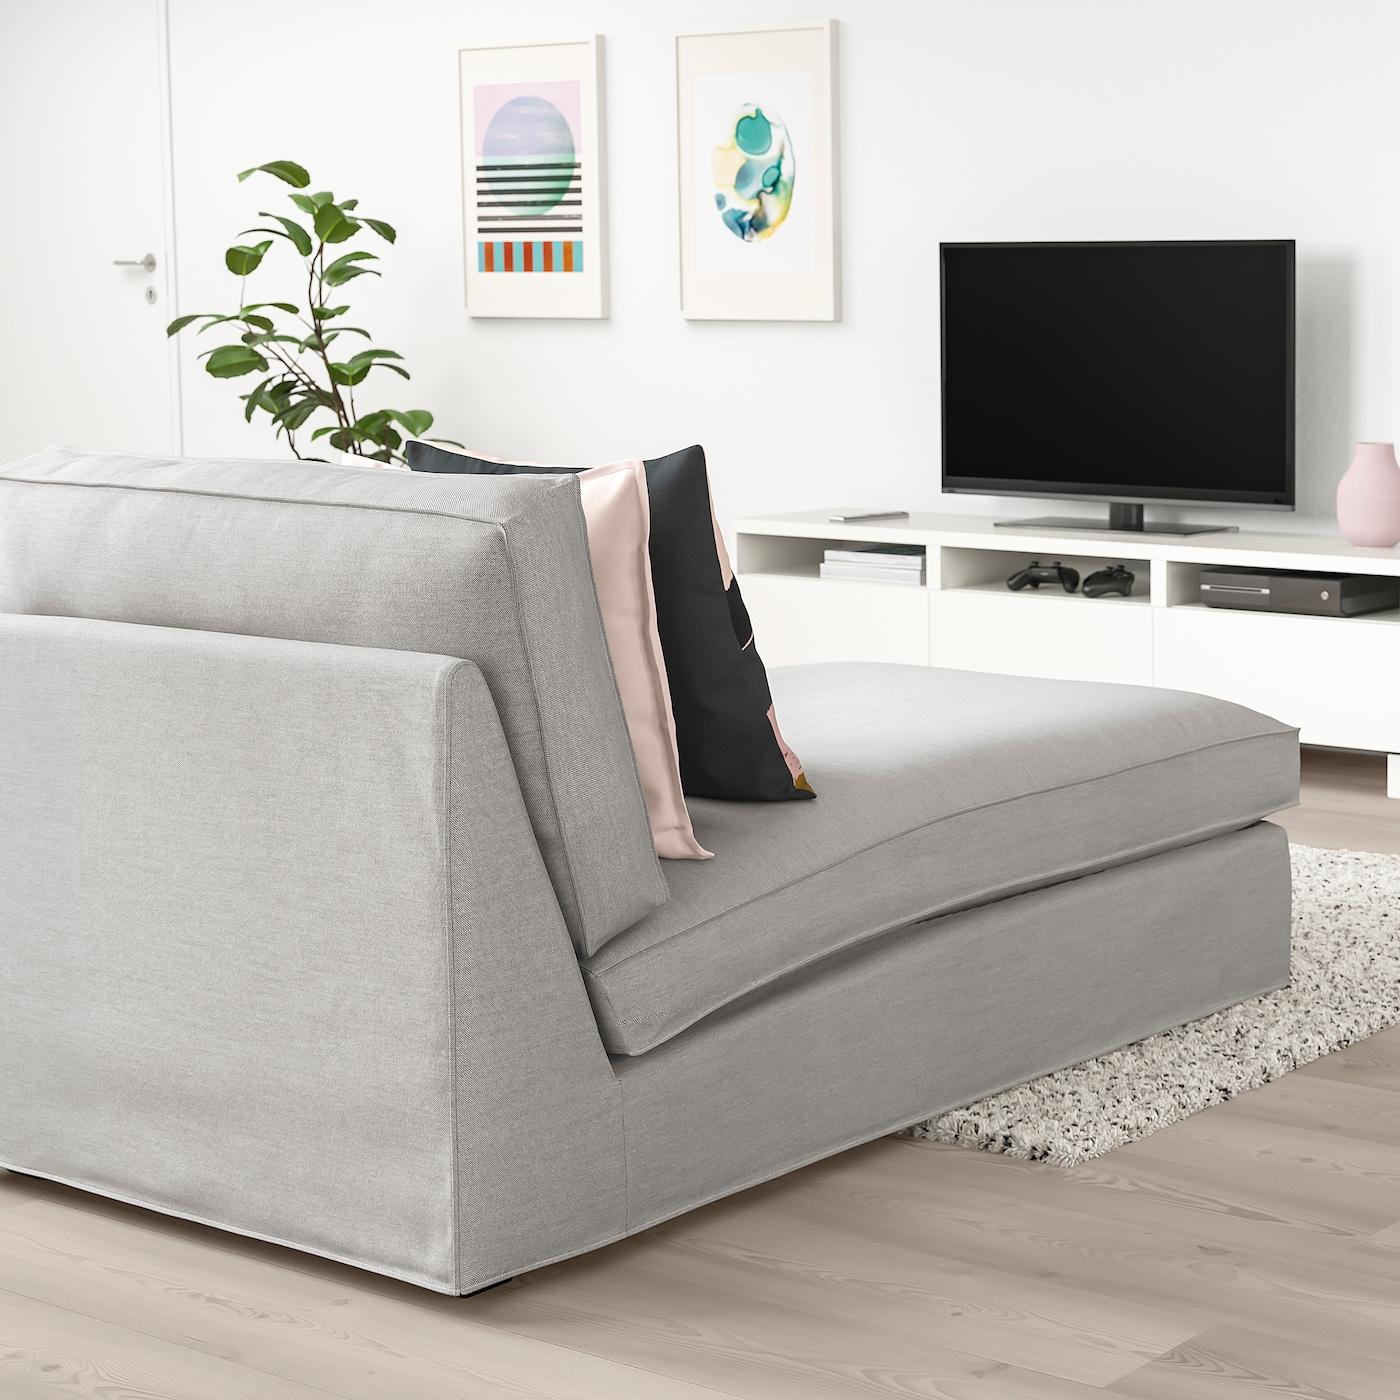 KIVIK Schäslong, Orrsta ljusgrå IKEA